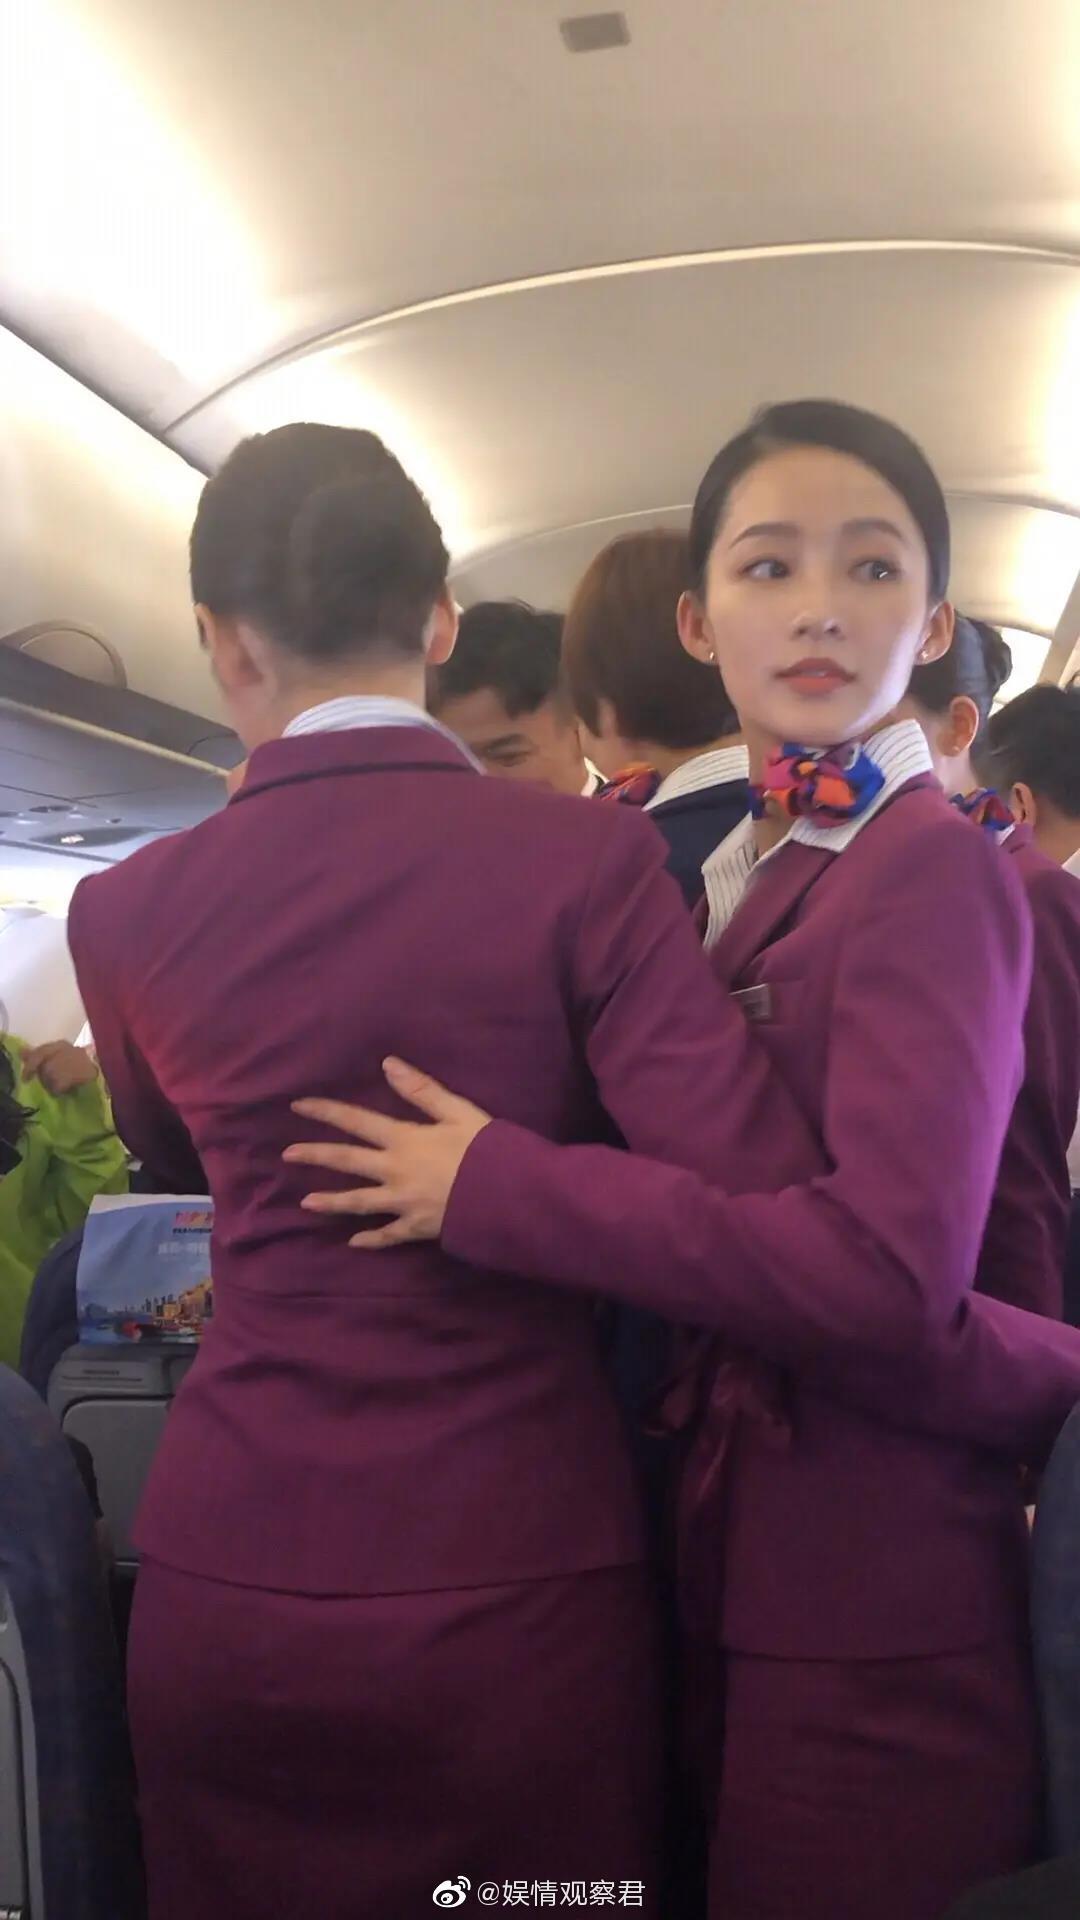 ▲李沁在電影《中國機長》首映會的零修圖照曝光。(圖/翻攝微博/娛情觀察君)